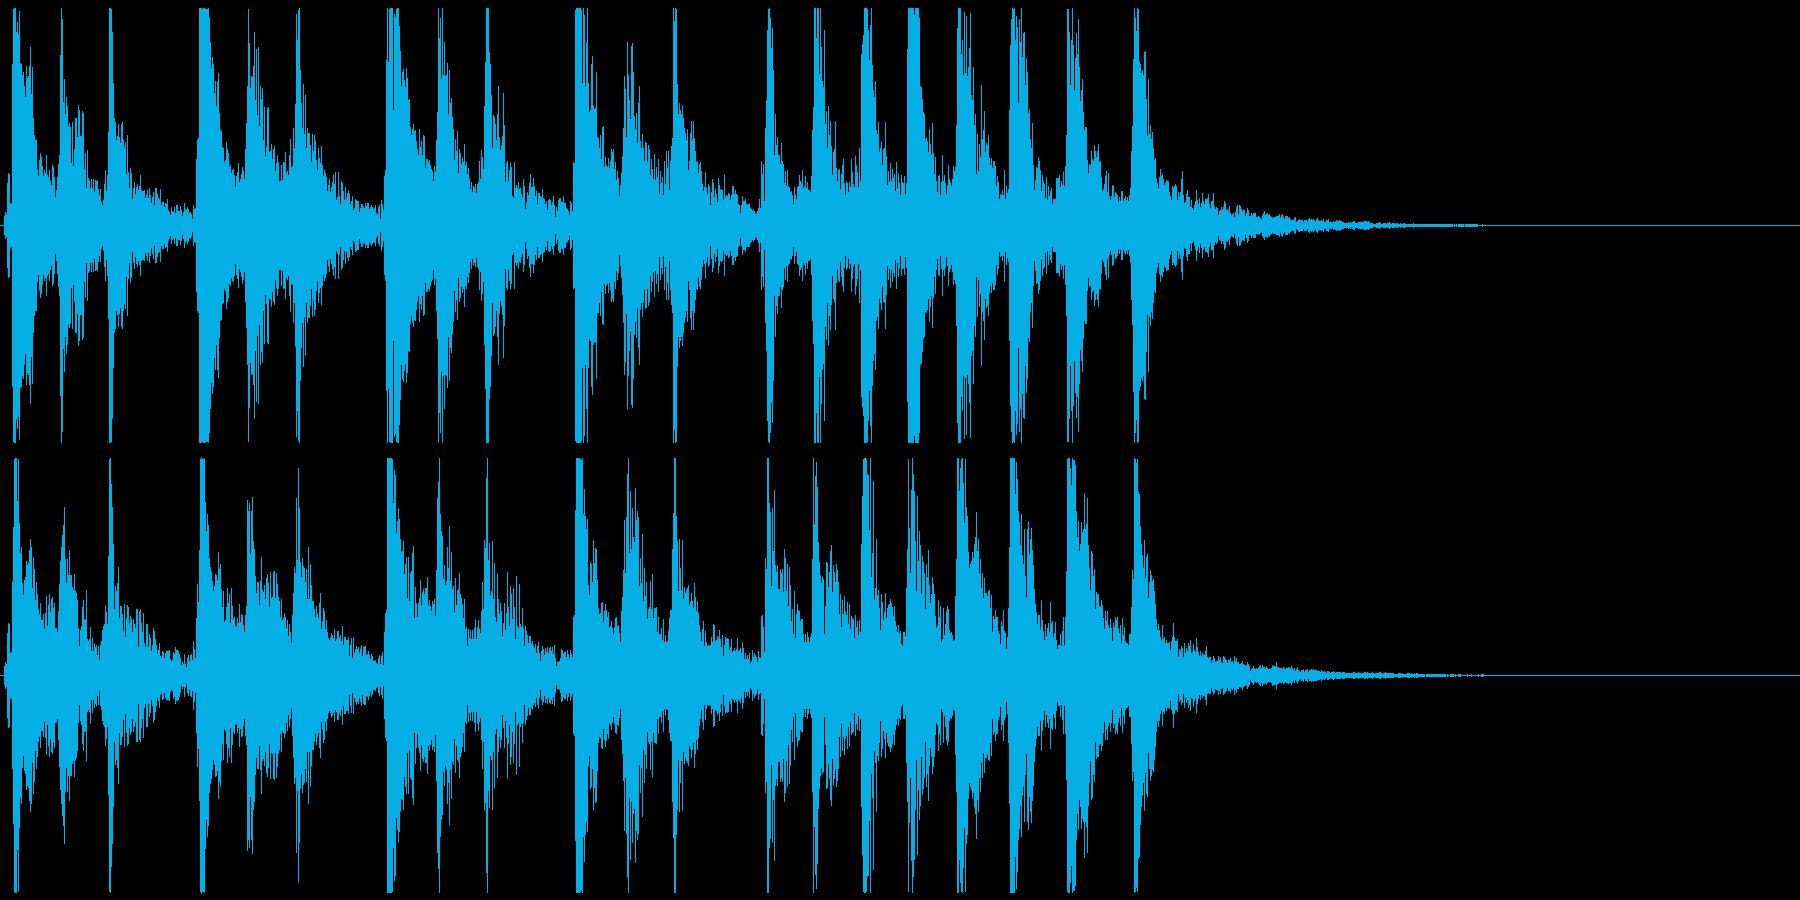 チクタク時計の音とピチカートのジングルの再生済みの波形